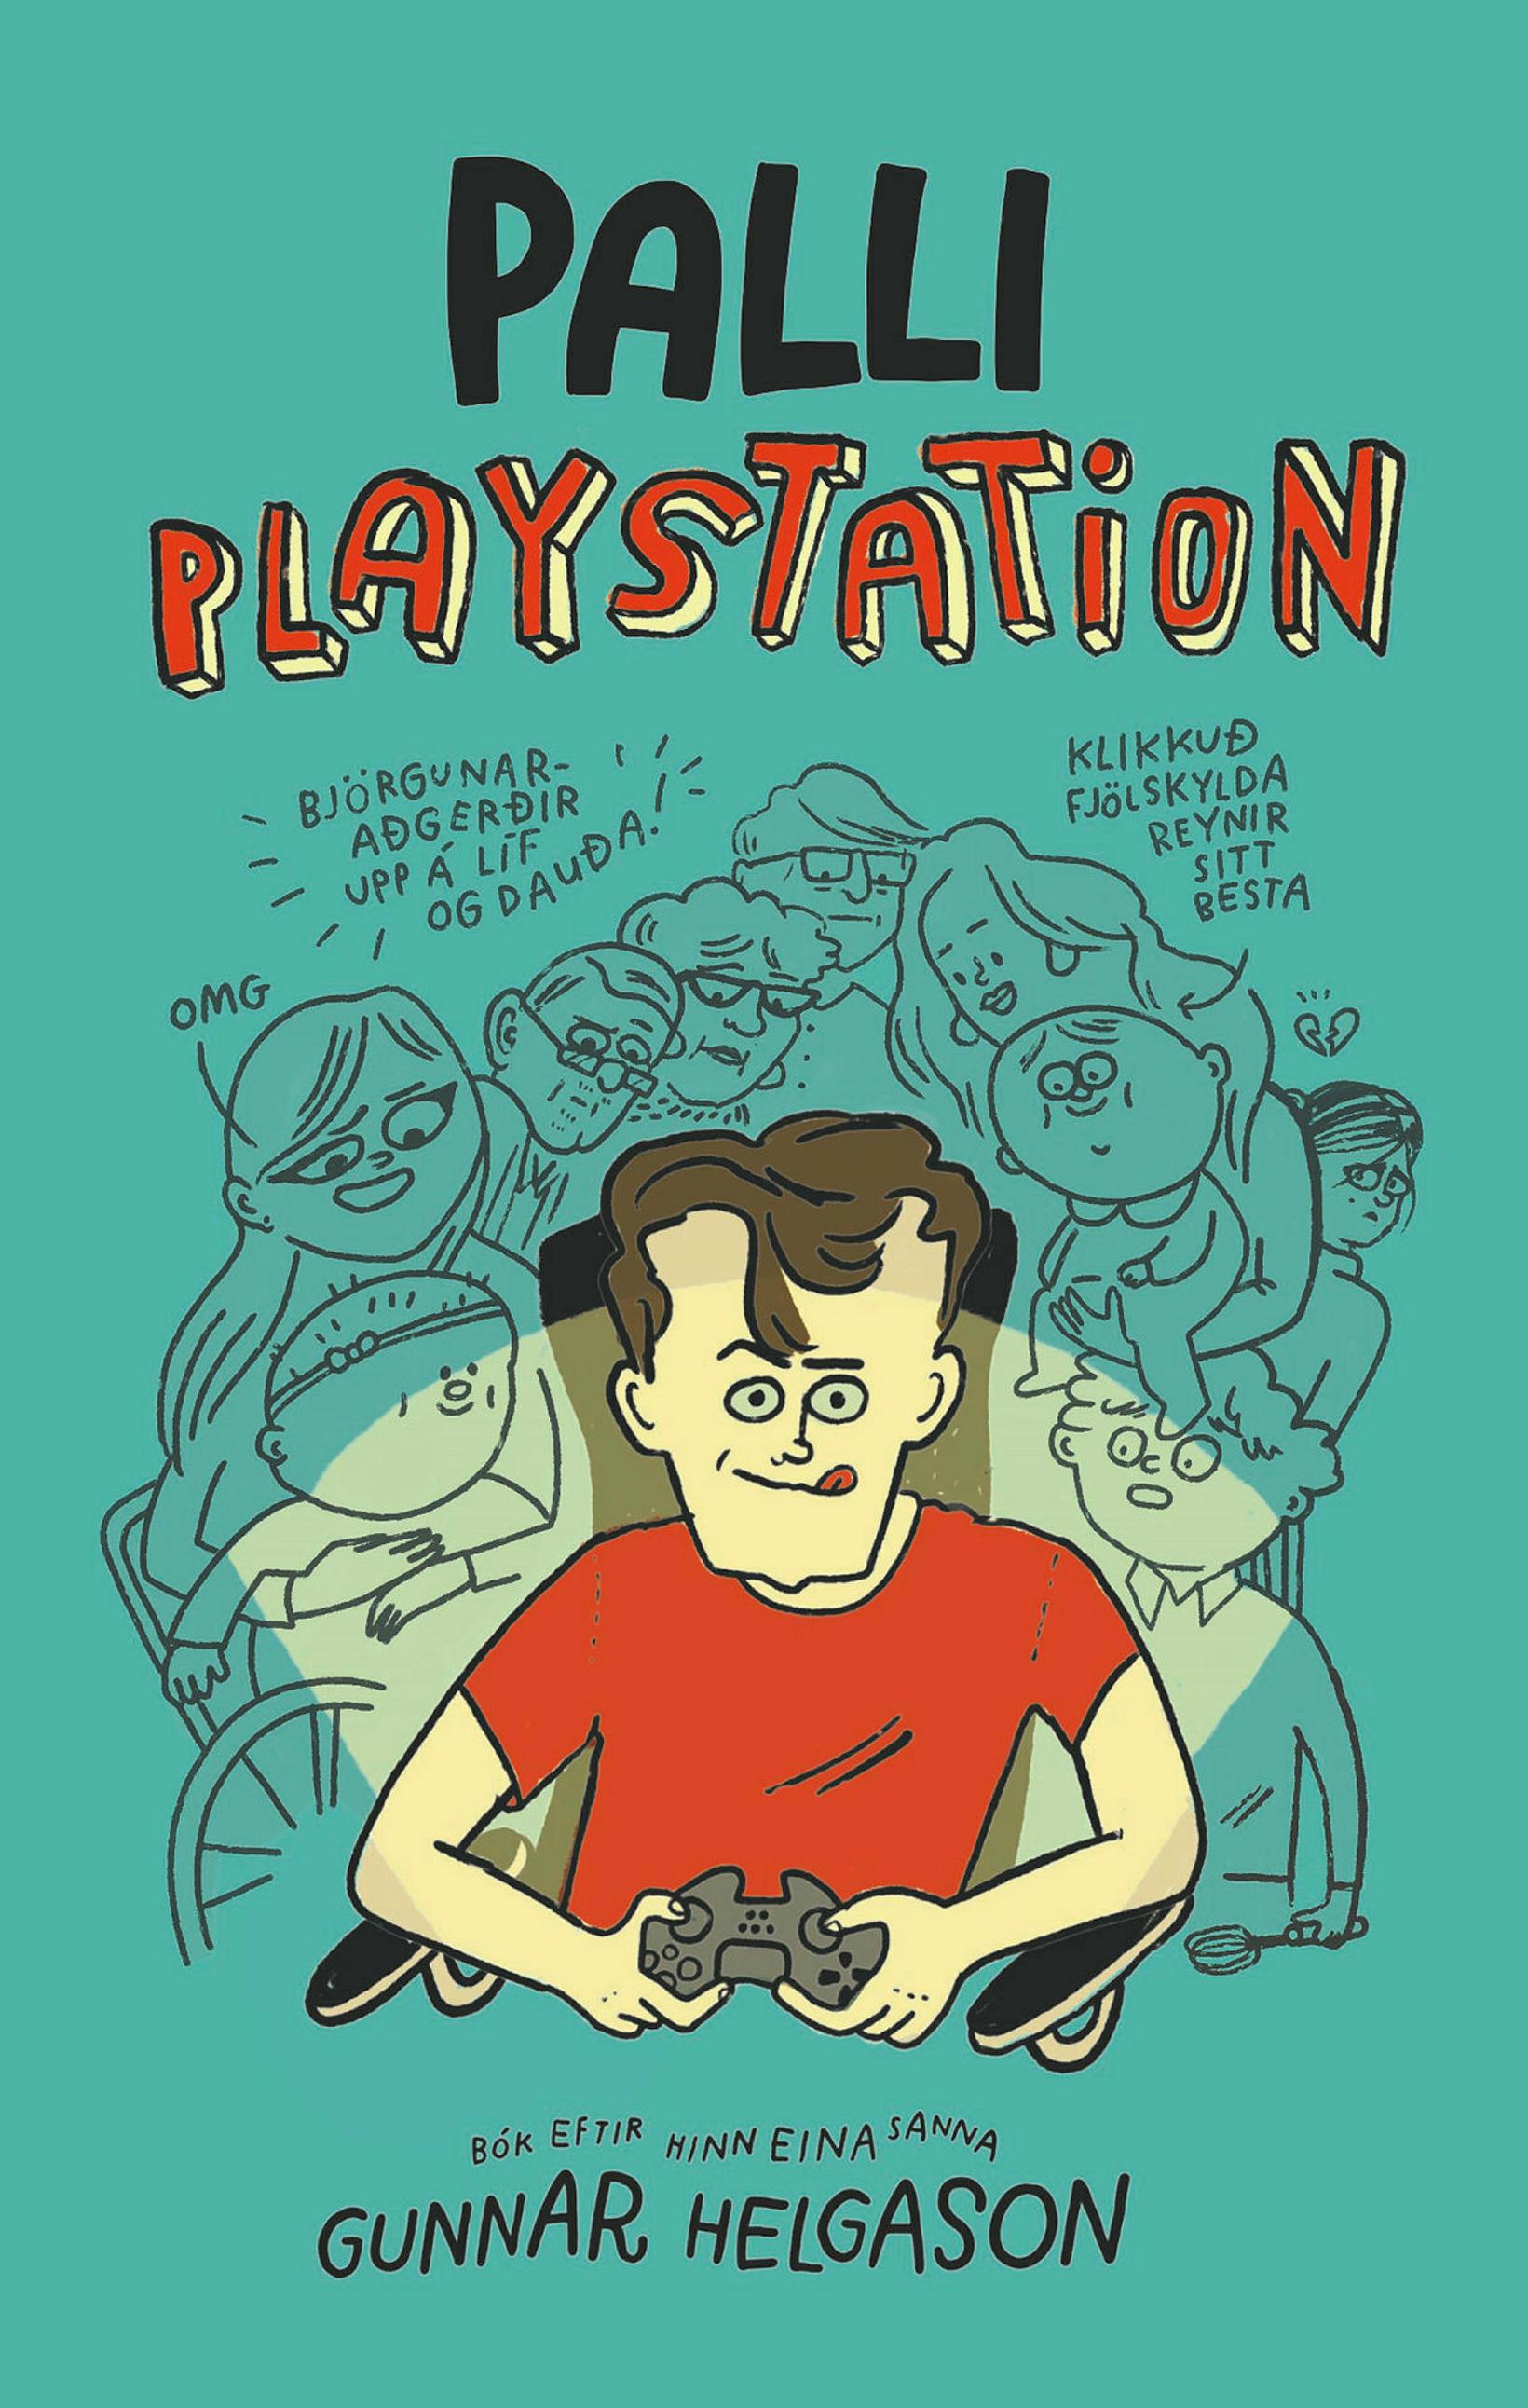 Pally Playstation heitir nýjasta bók Gunnars Helgasonar.